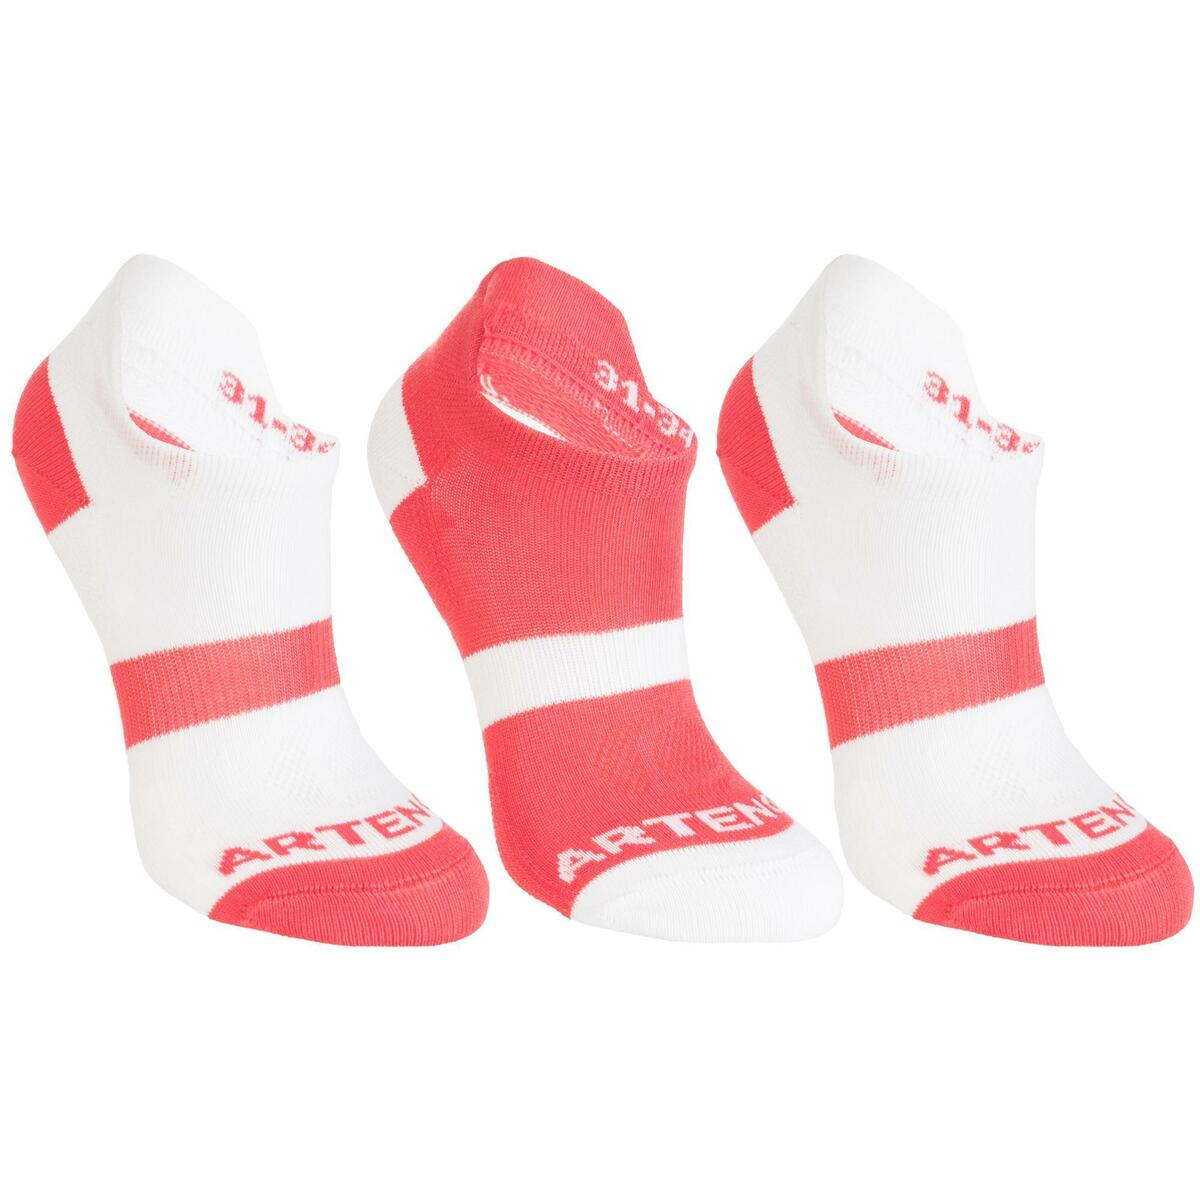 Bild 1 von Tennissocken RS 160 Low Kinder 3er-Pack weiß/rosa